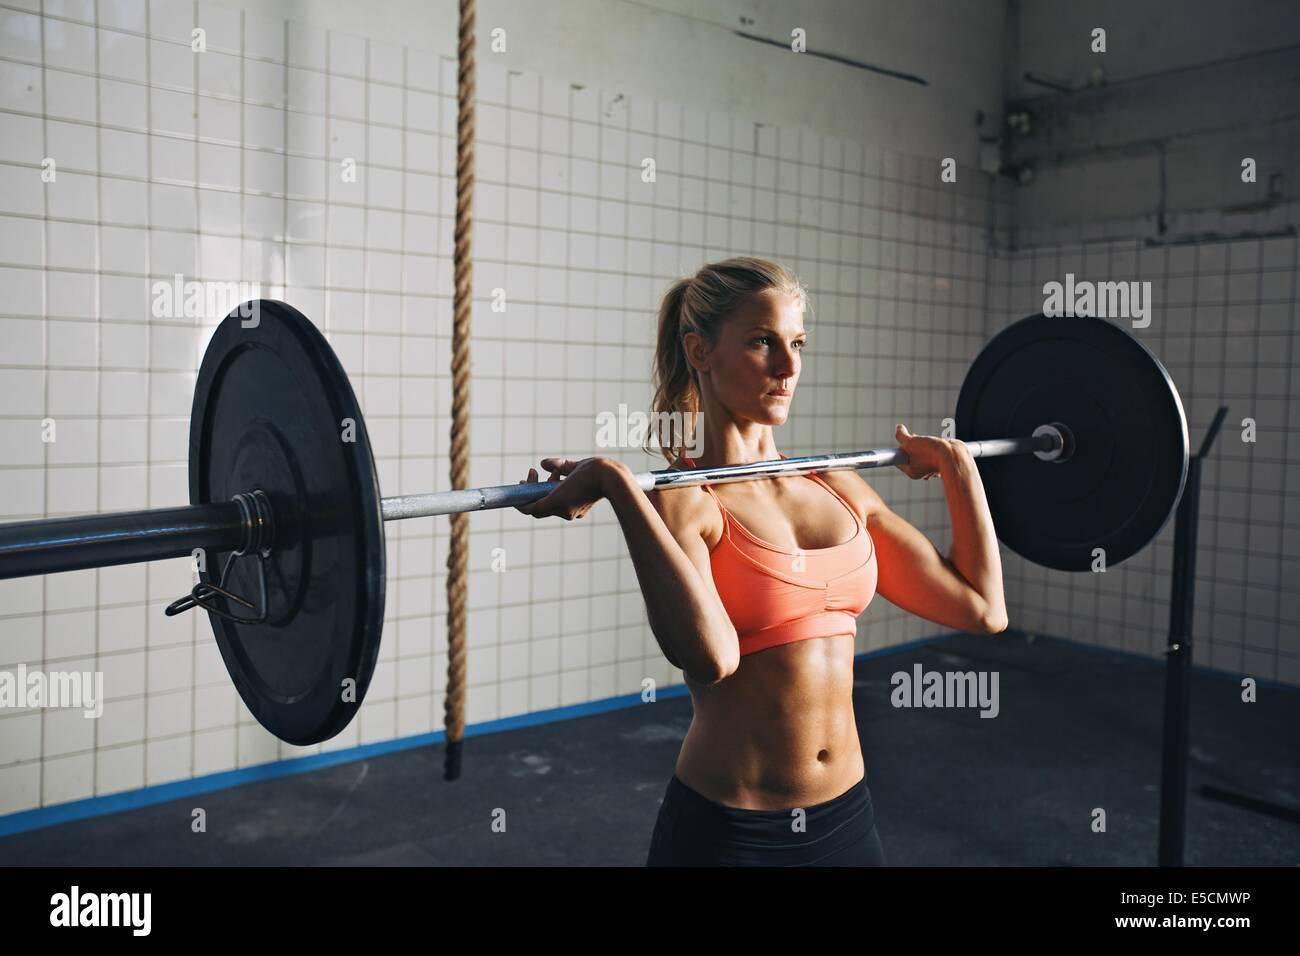 Mujer Fitness concentrando mientras barras de elevación. Mujer fuerte crossfit levantamiento de pesas en el gimnasio. Caucásica modelo femenino con mu Foto de stock